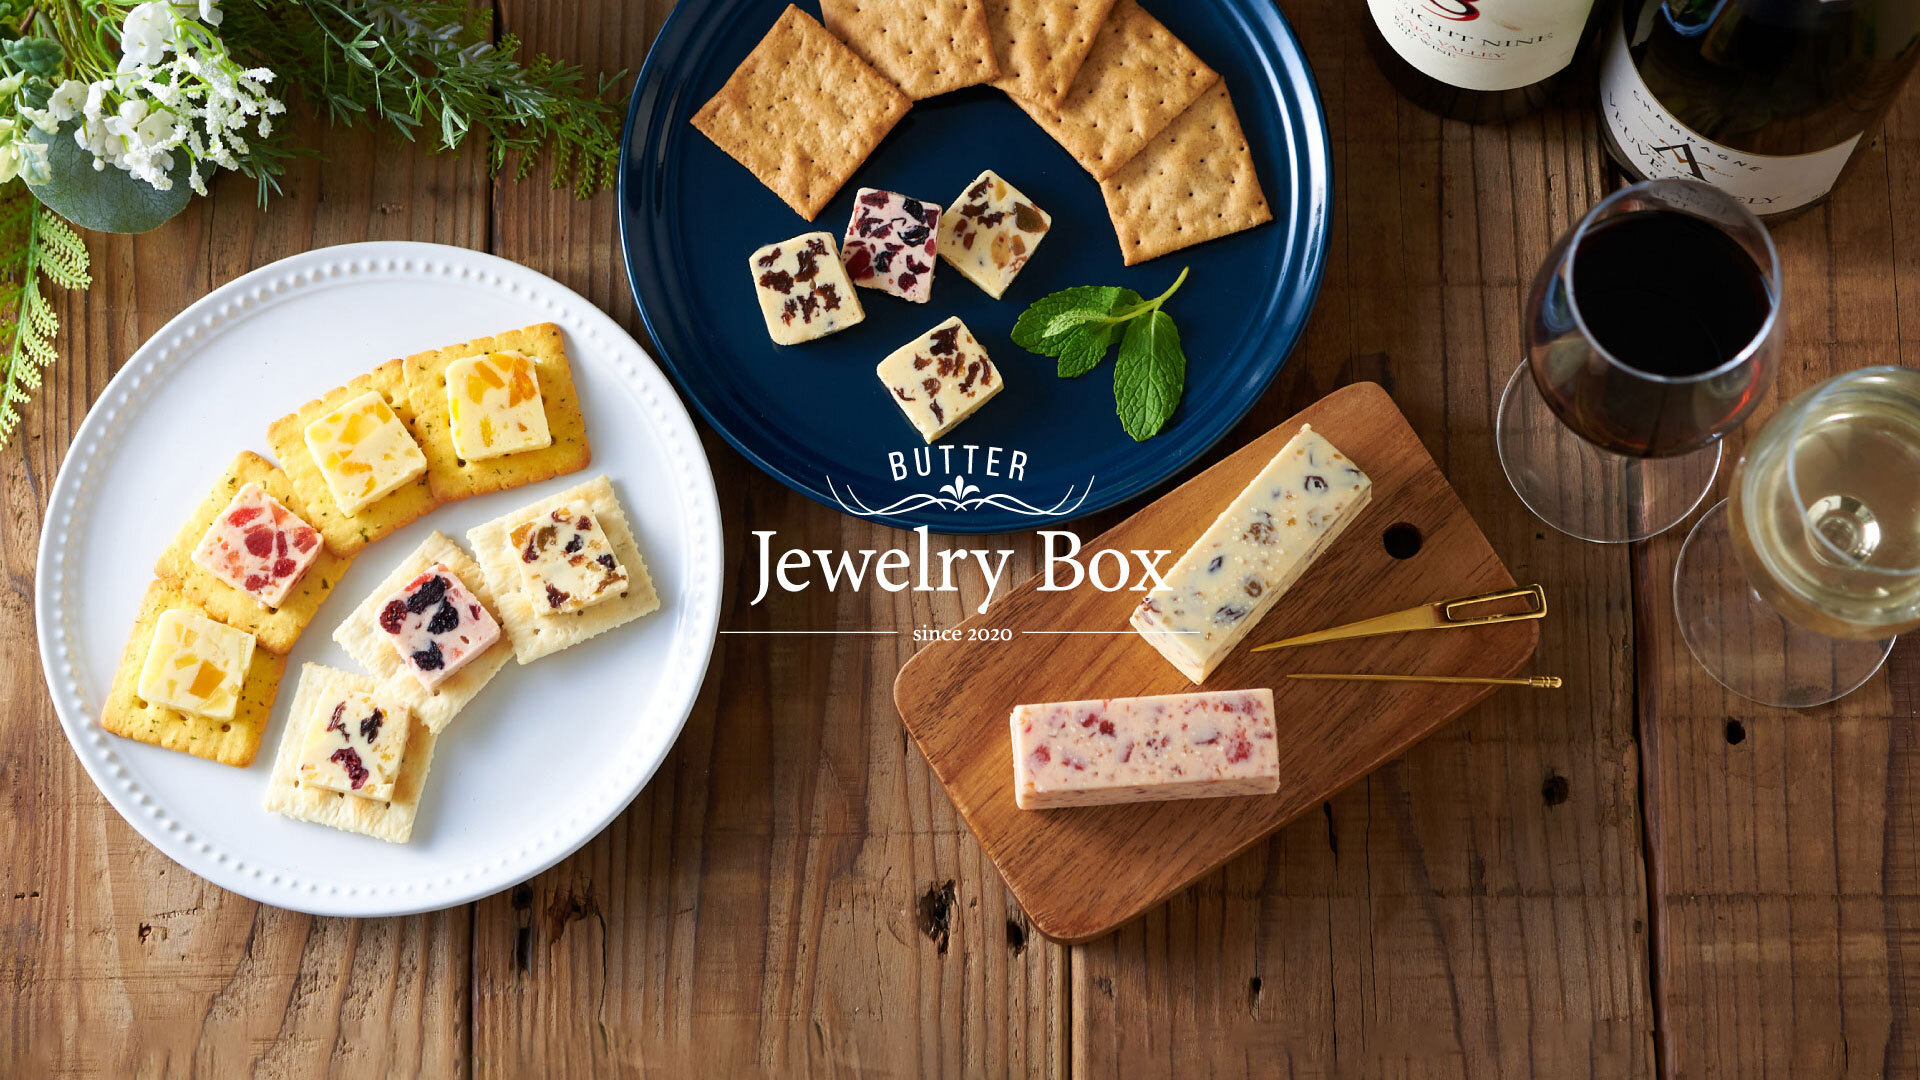 レーズンバター専門店Jewelry Box